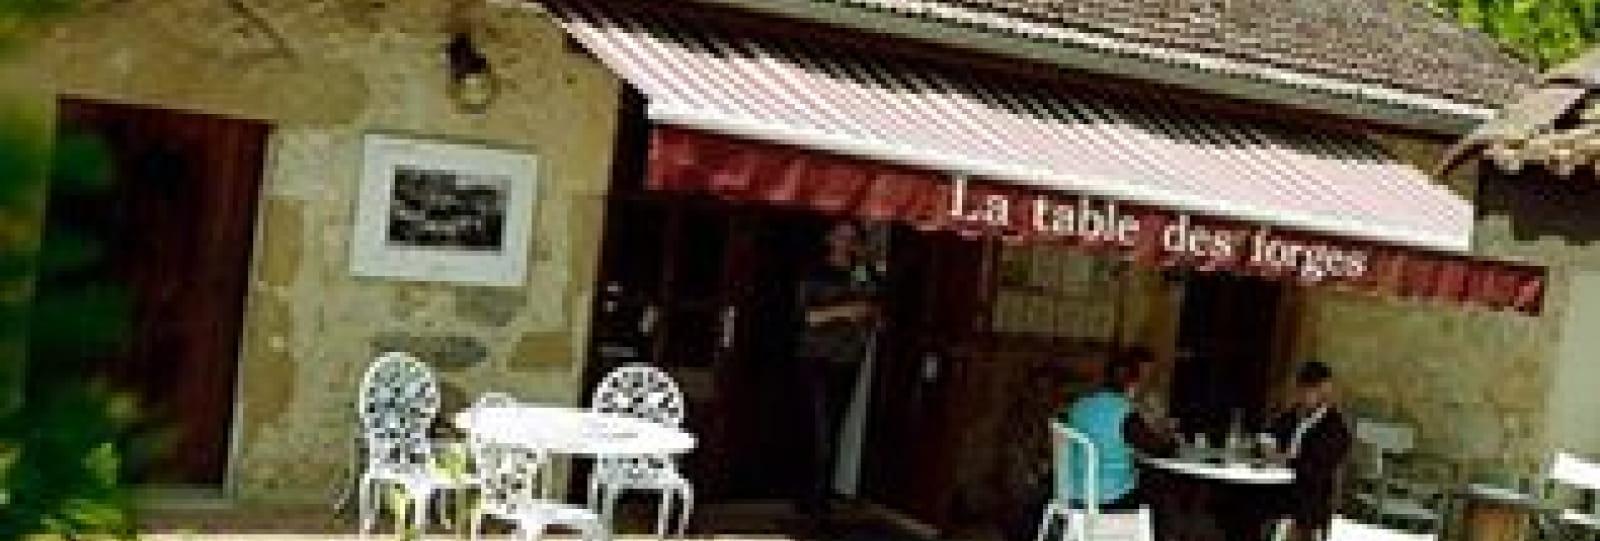 Restaurant La Table des Forges